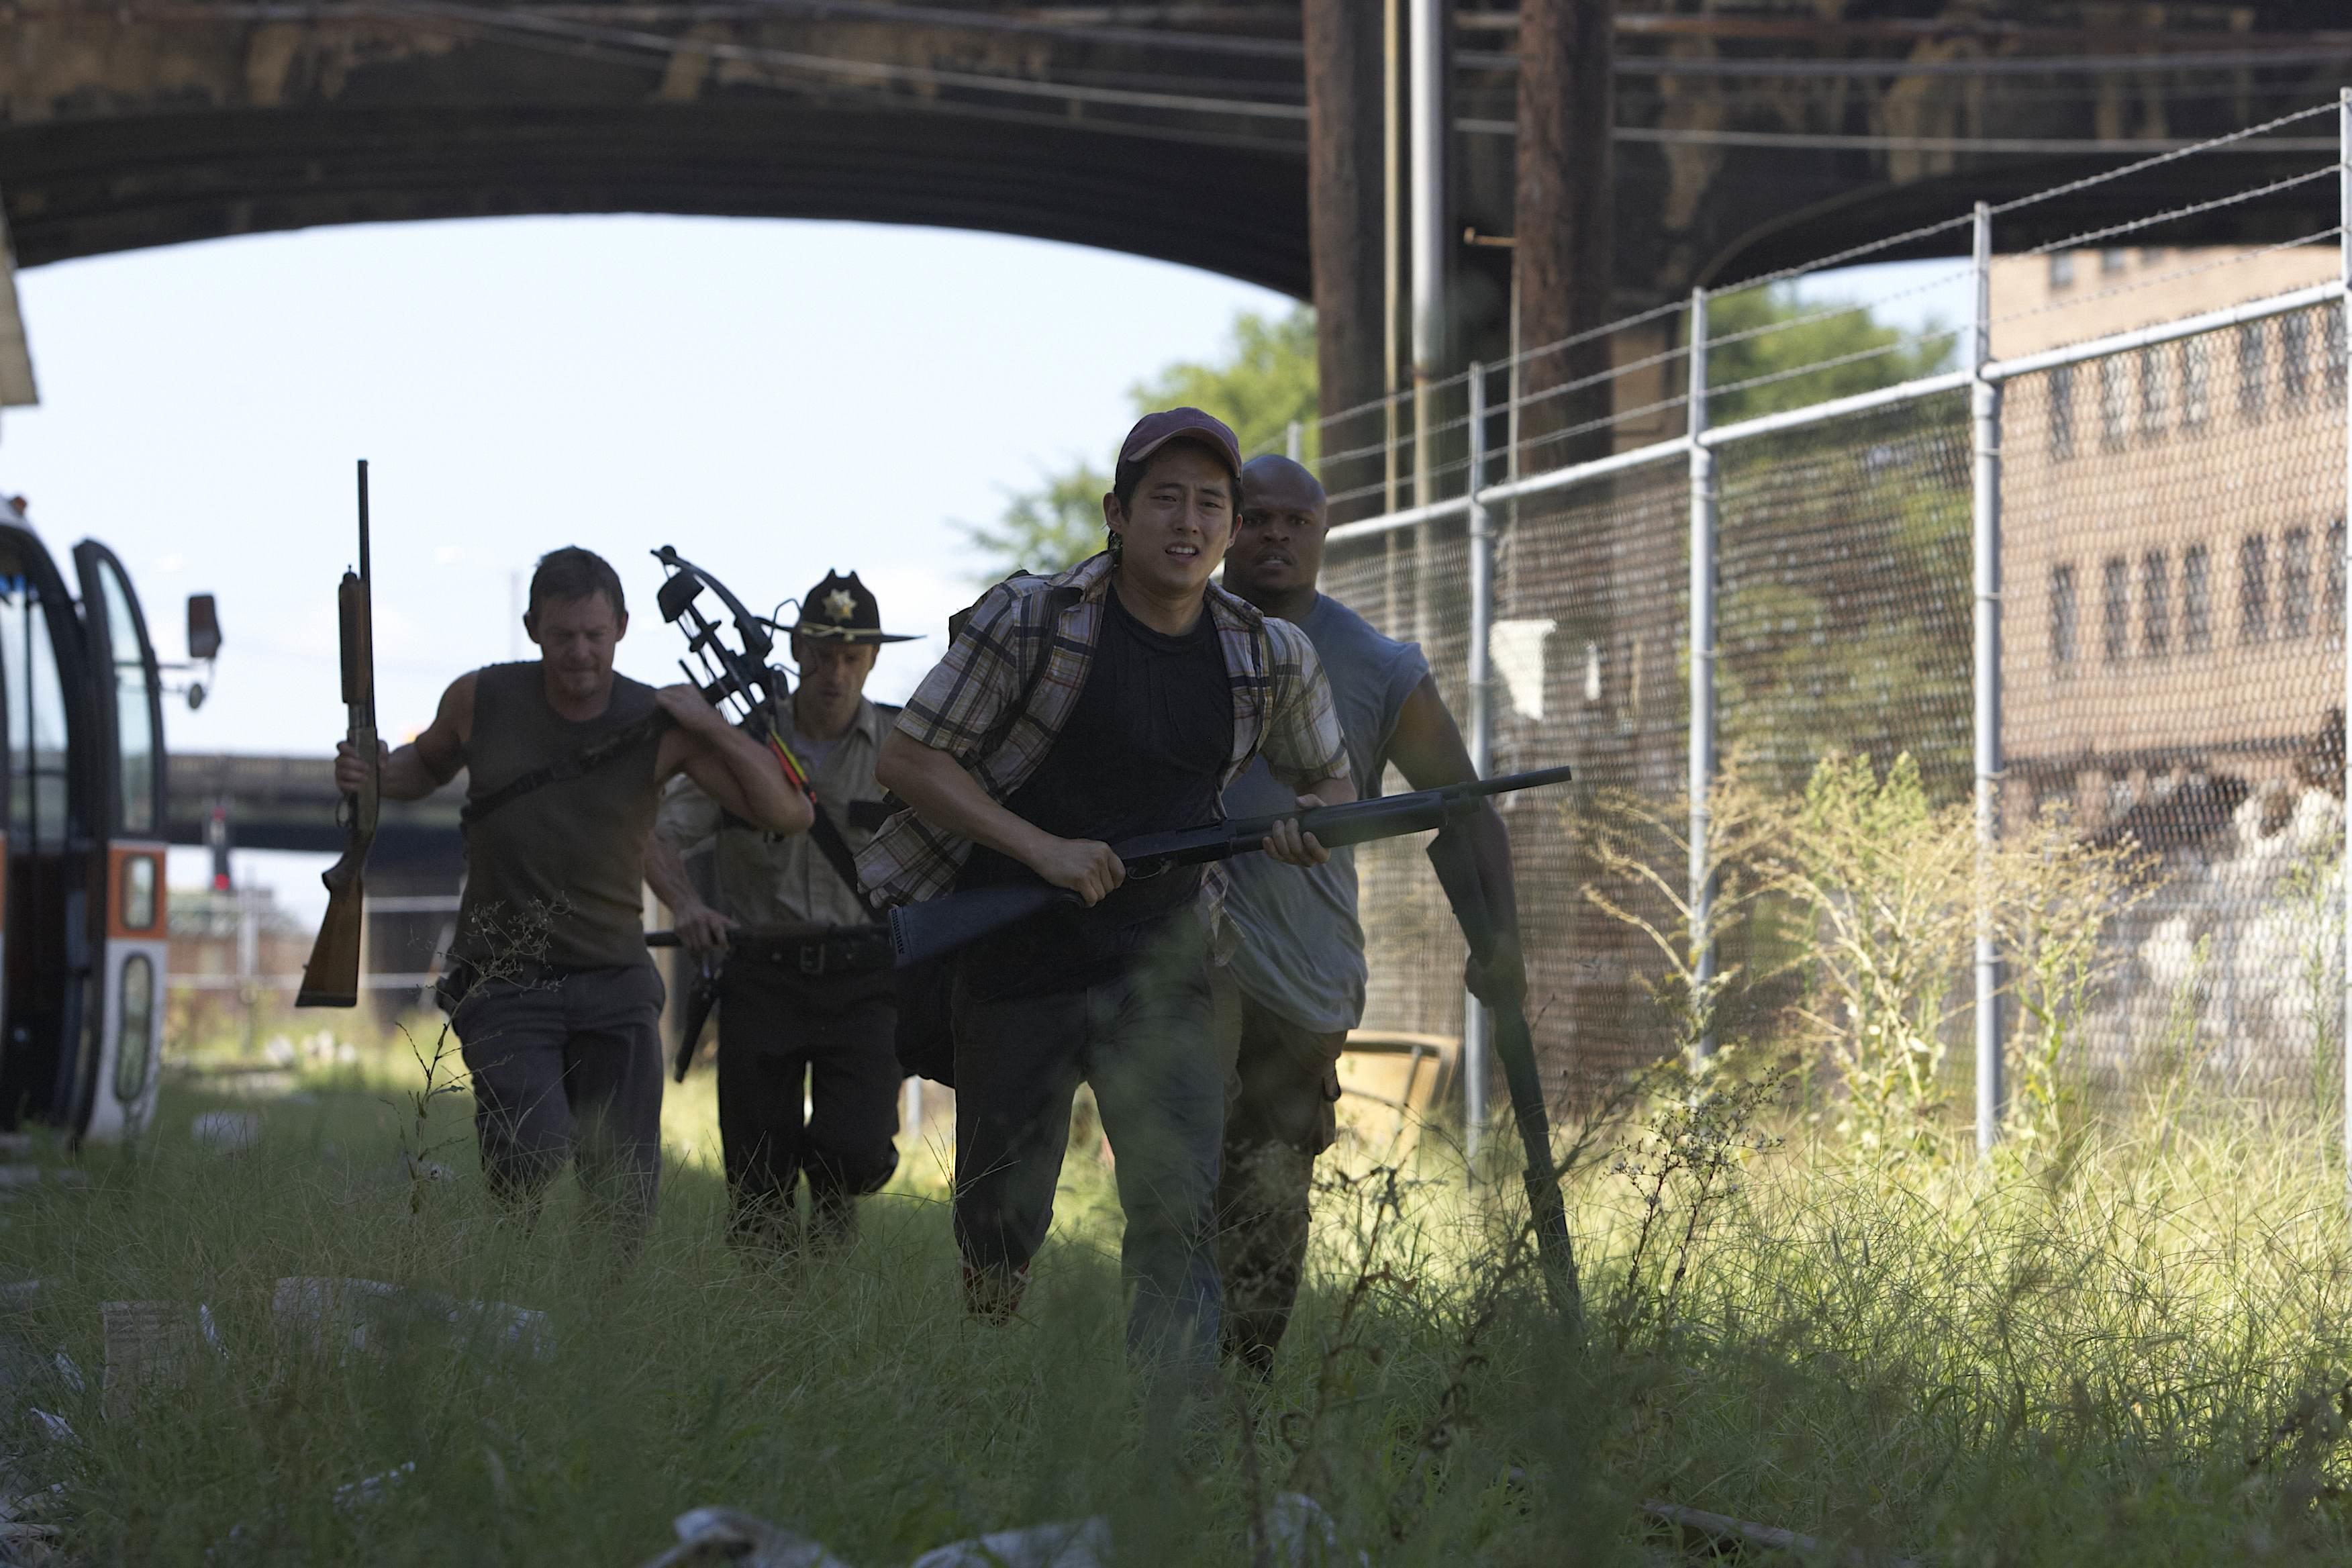 The Walking Dead Rewatch – Season 1, Episode 4 (Vatos)